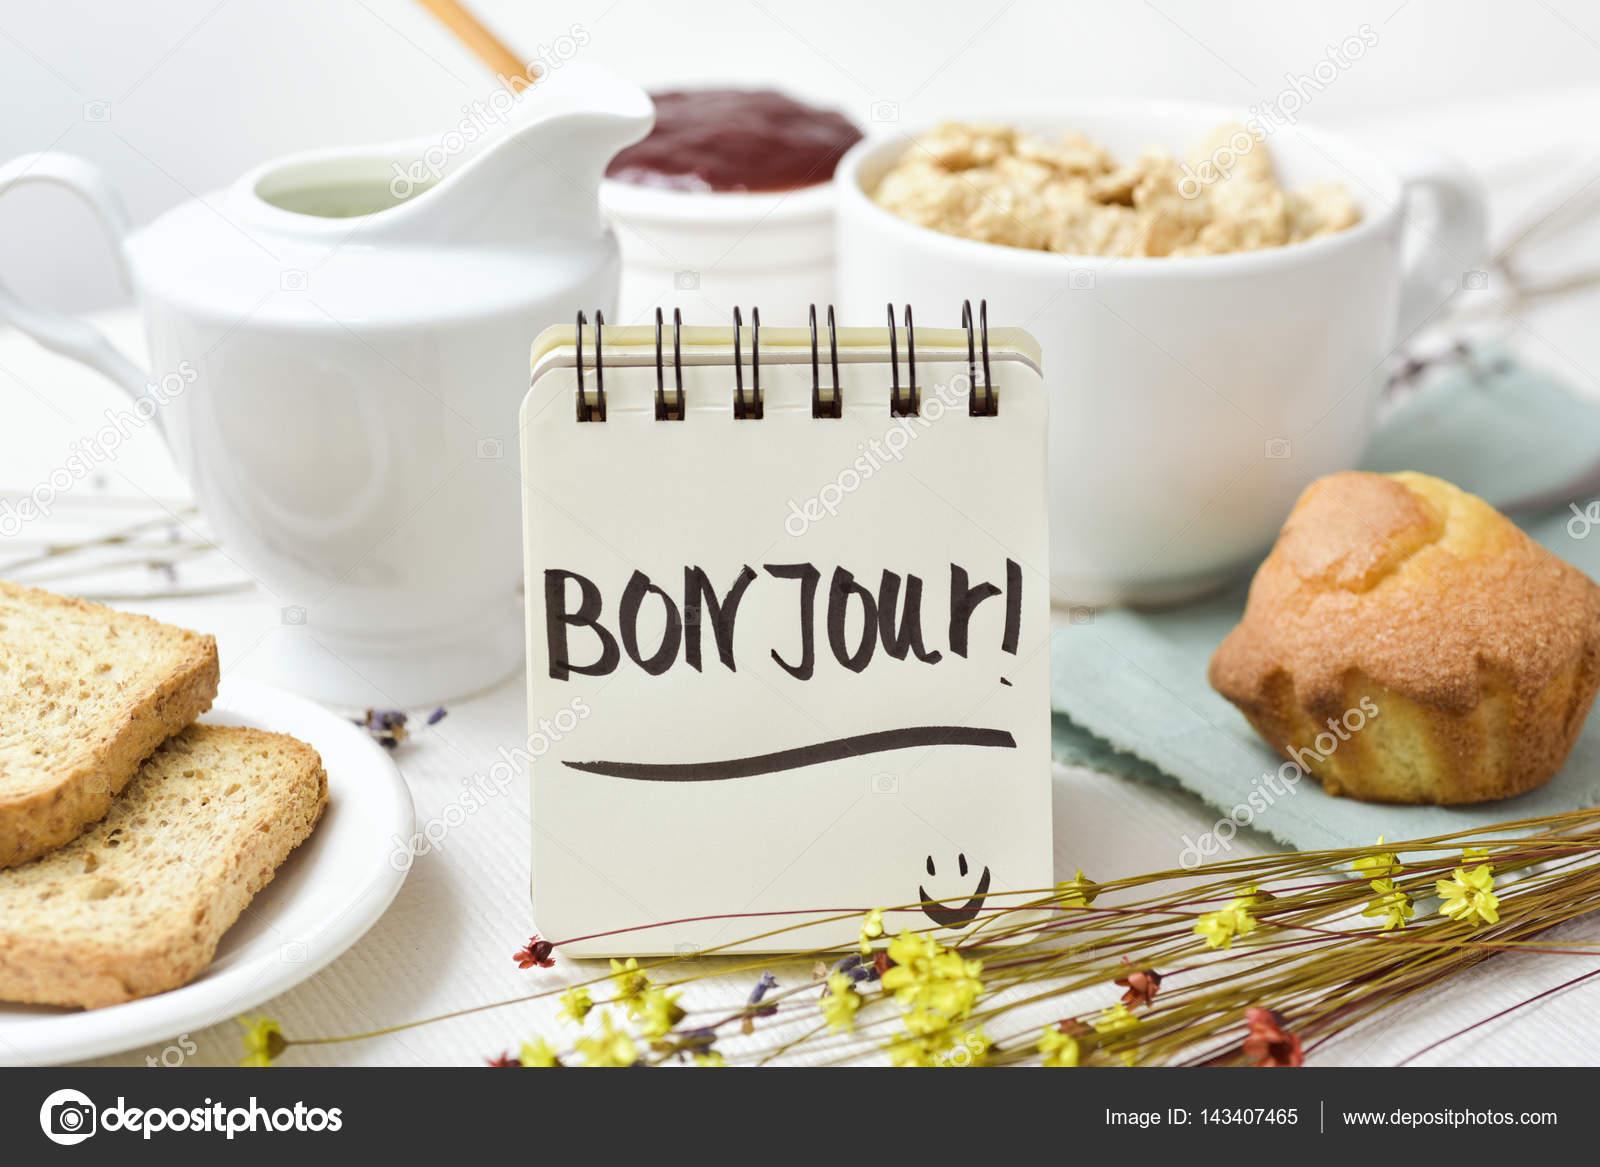 Elegant Guten Morgen Frühstück Galerie Von Frühstück Und Text Französisch In — Stockfoto